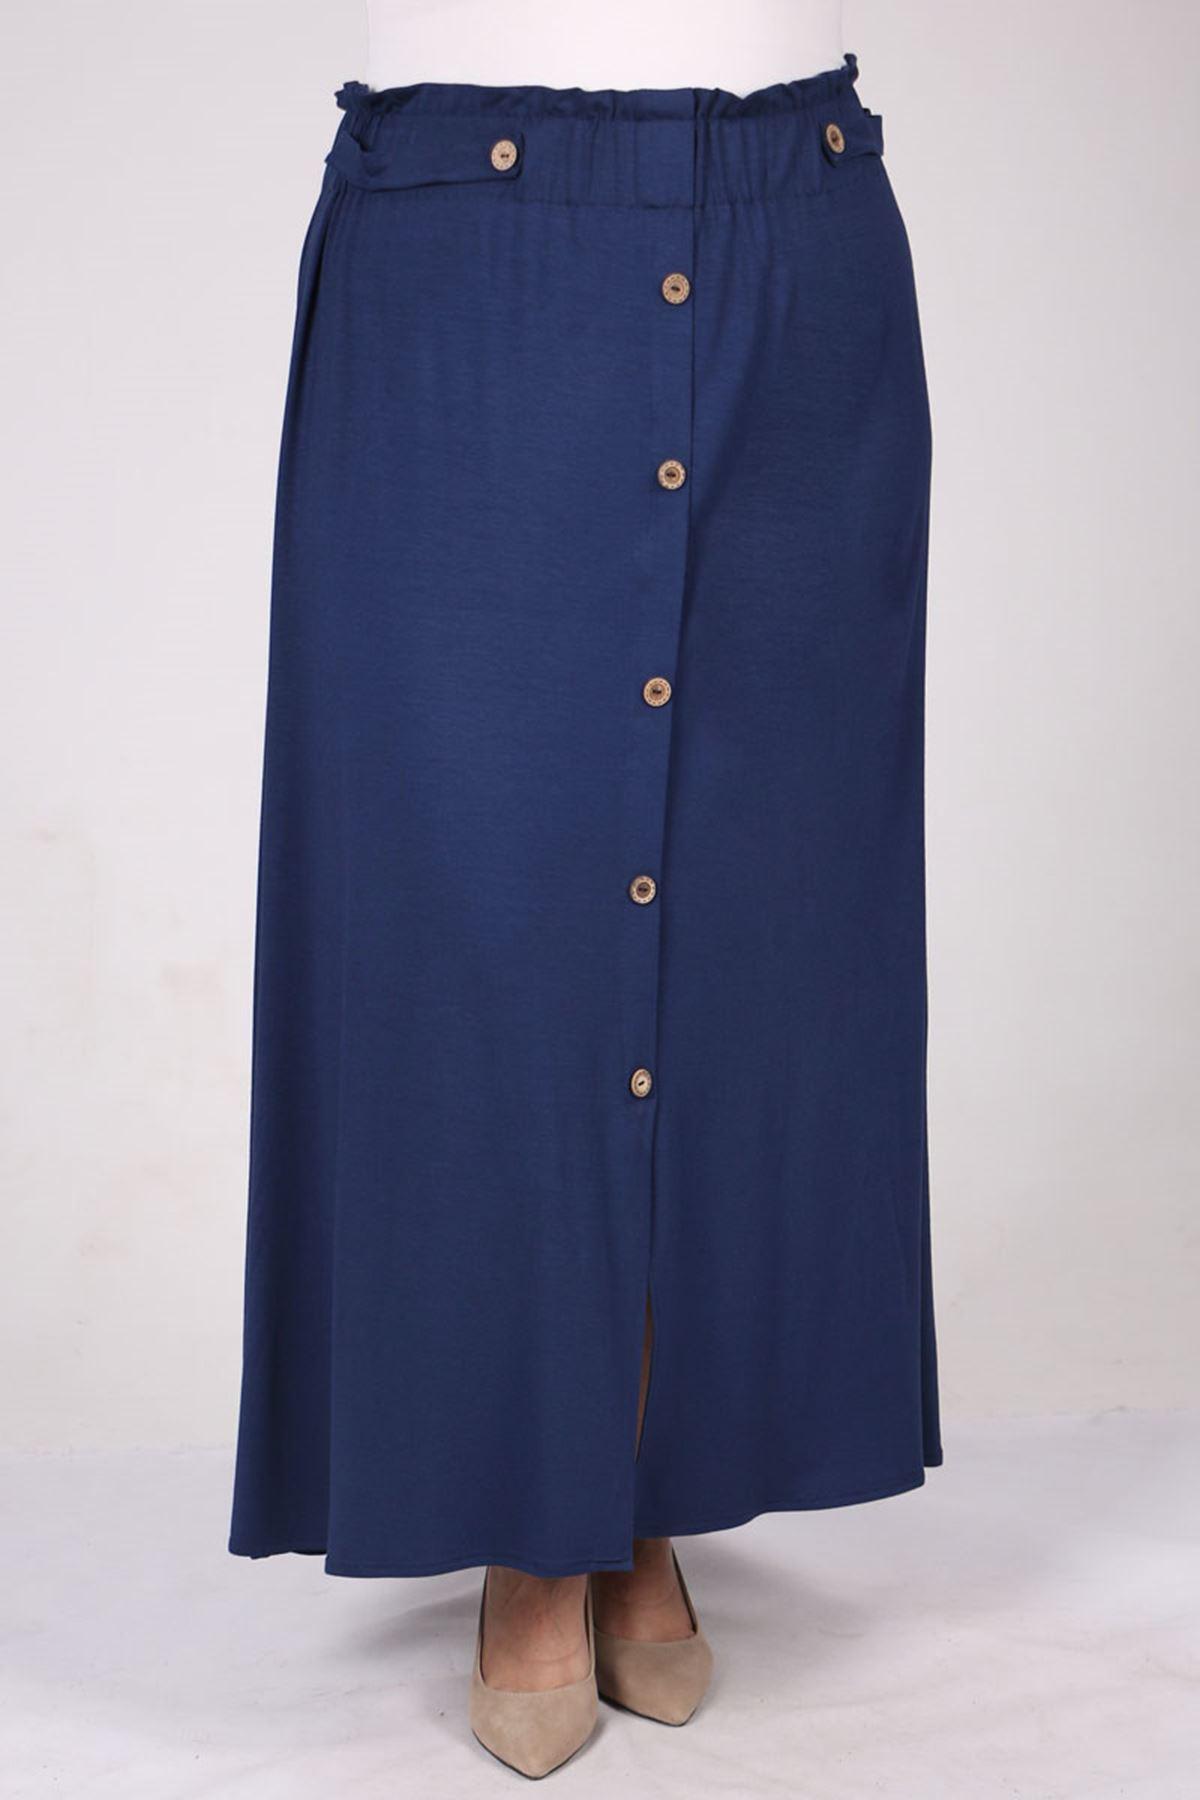 5046 Plus Size Elastic Waist Skirt with Button - Indigo